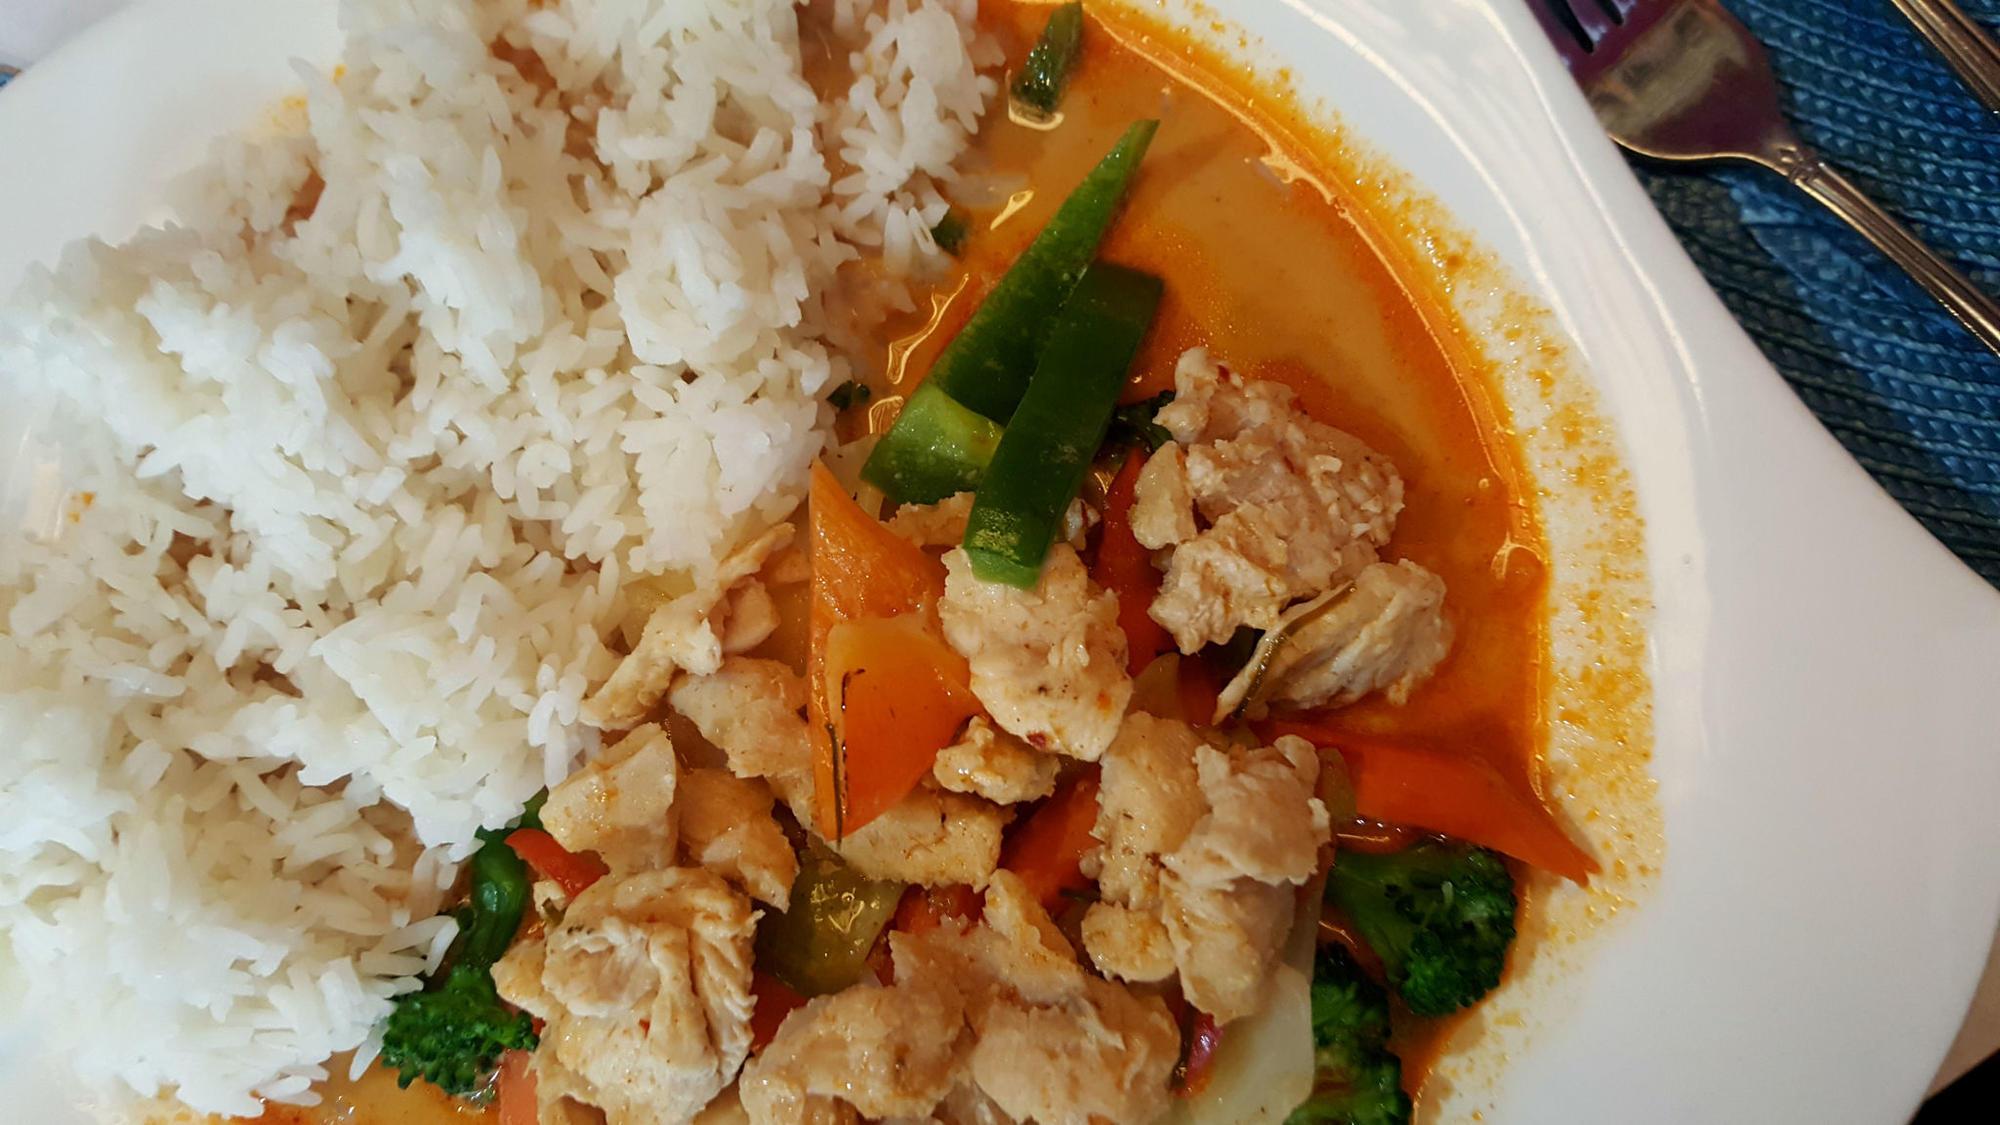 Thai Food In Semoran